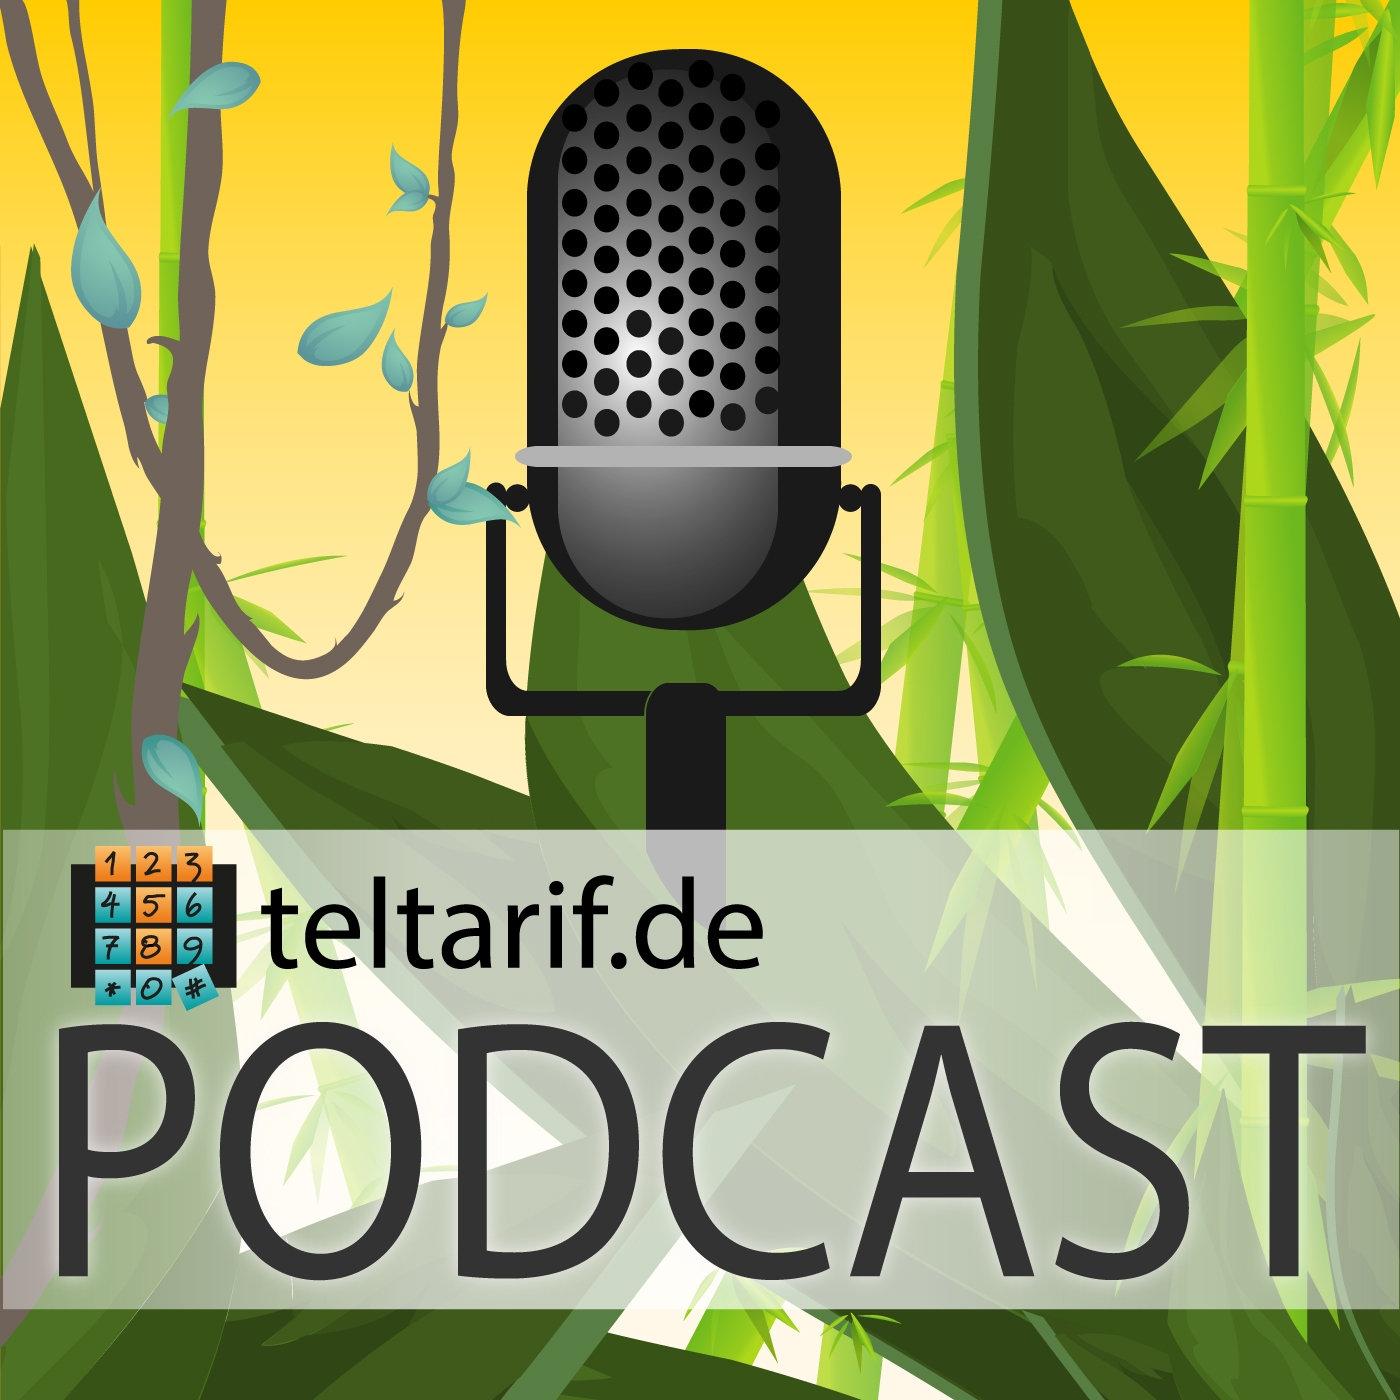 Strippenzieher und Tarifdschungel - Der Podcast von teltarif.de